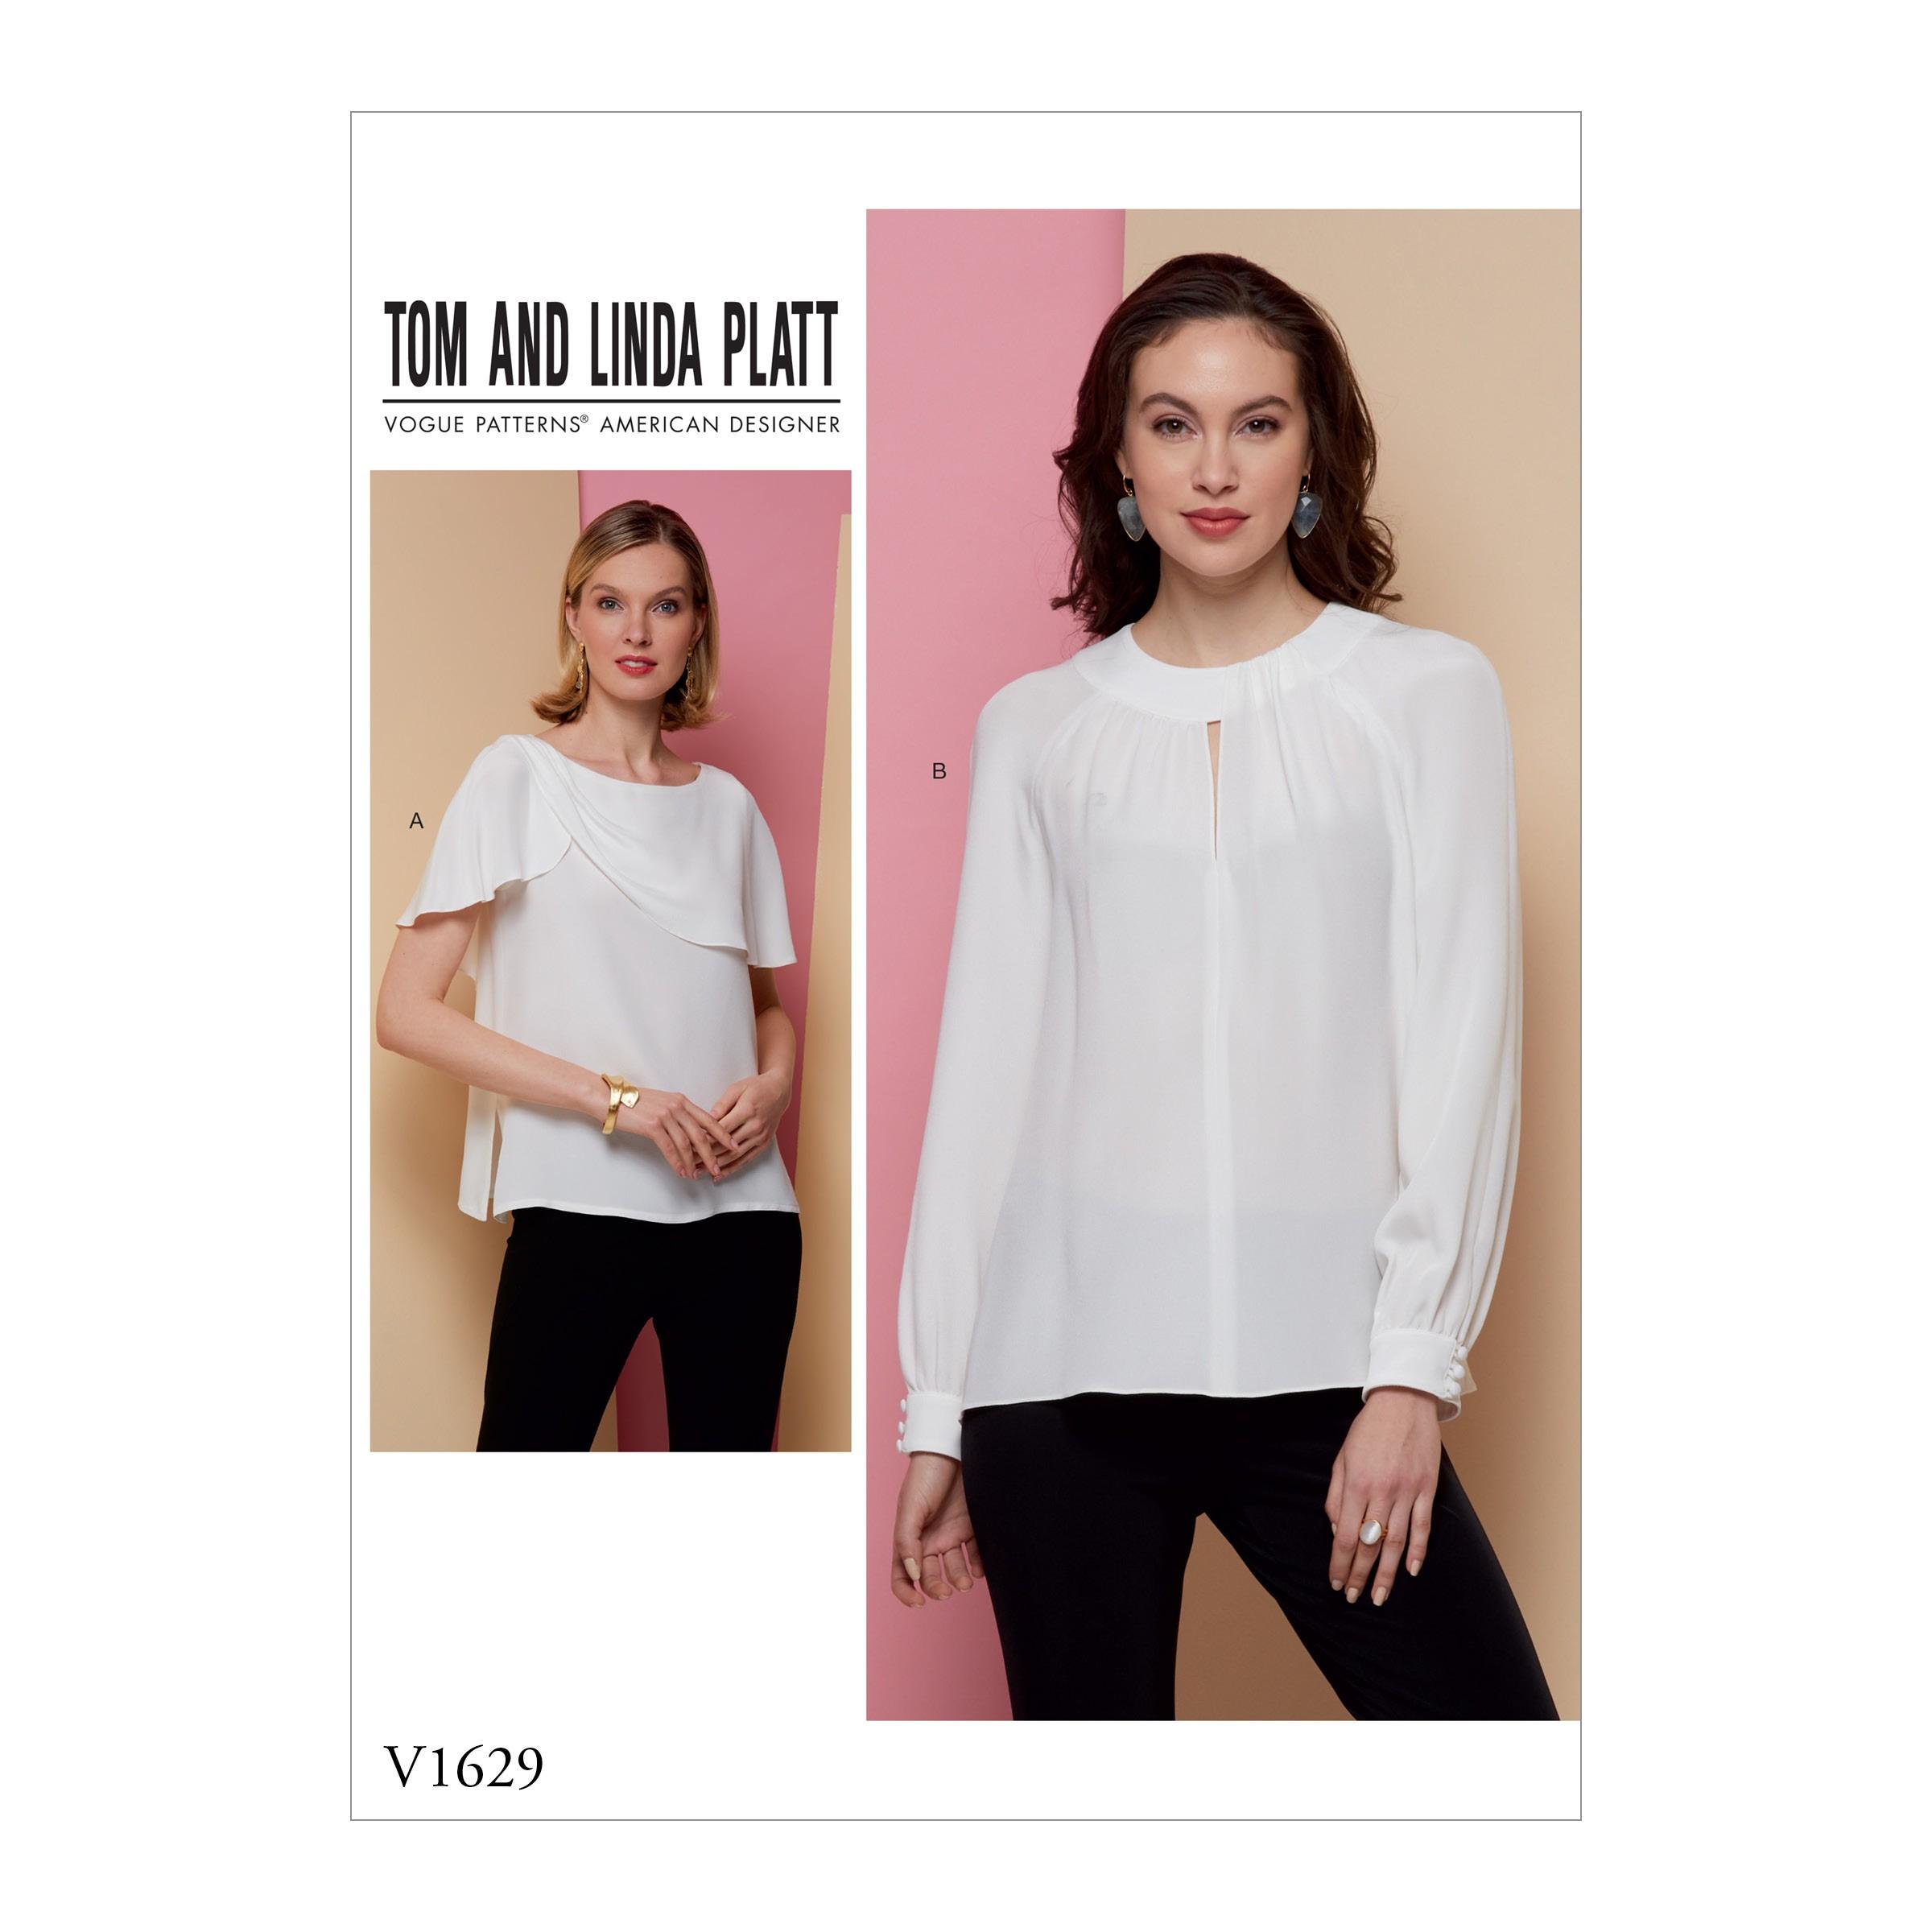 Vogue Sewing Pattern V1629 Women's Lightweight Blouse Shirt Top Collar Option